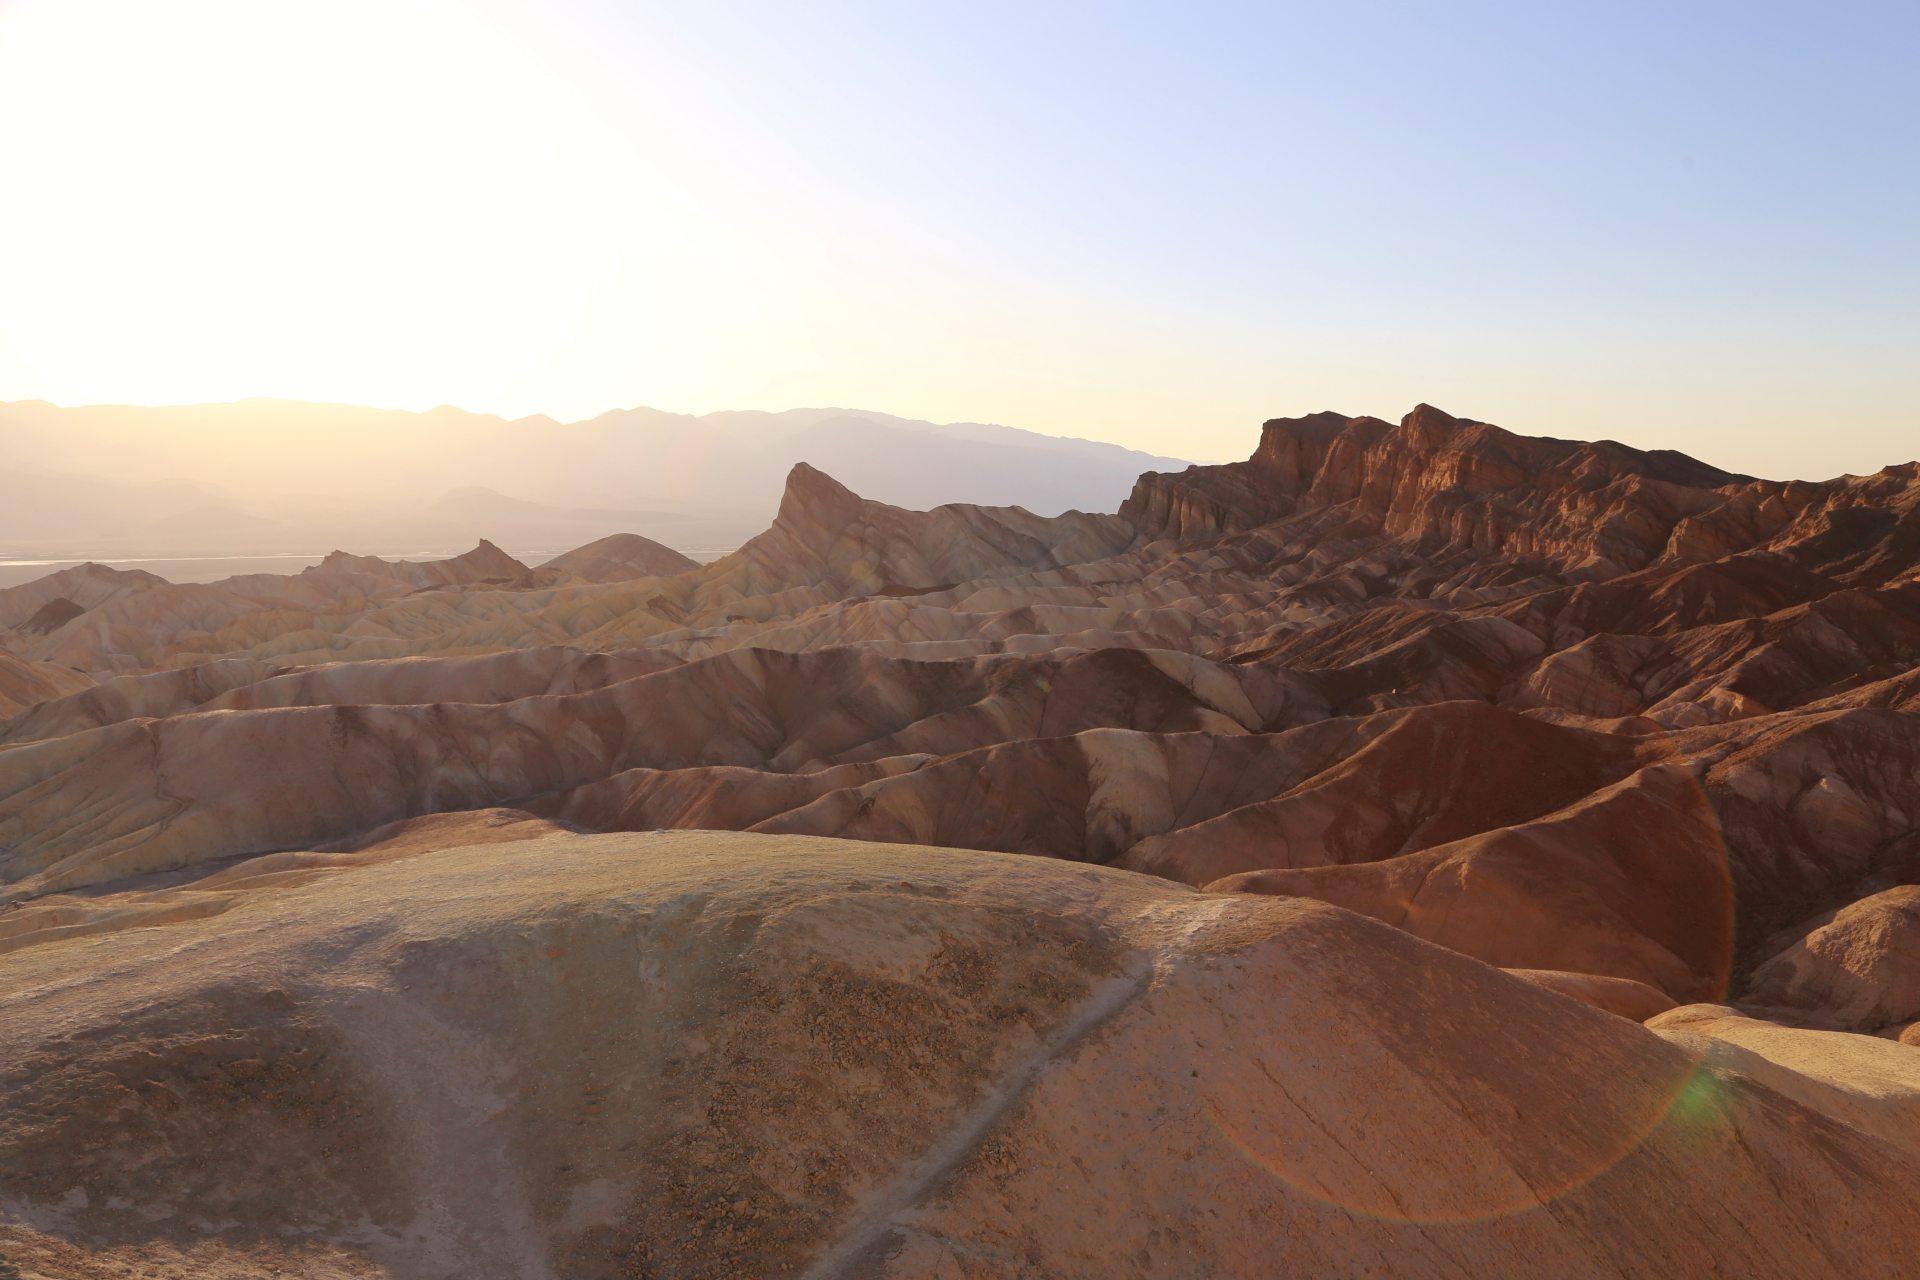 Death Valley - lebensfeindlich und doch so wunderschön! - Aussicht, Death Valley National Park, Fernsicht, Gestein, Himmel, Kalifornien, Landschaft, Mojave-Wüste, Natur, Panorama, Sandstein, Wüste, Zabriskie Point - (Furnace Creek, Death Valley, California, Vereinigte Staaten)